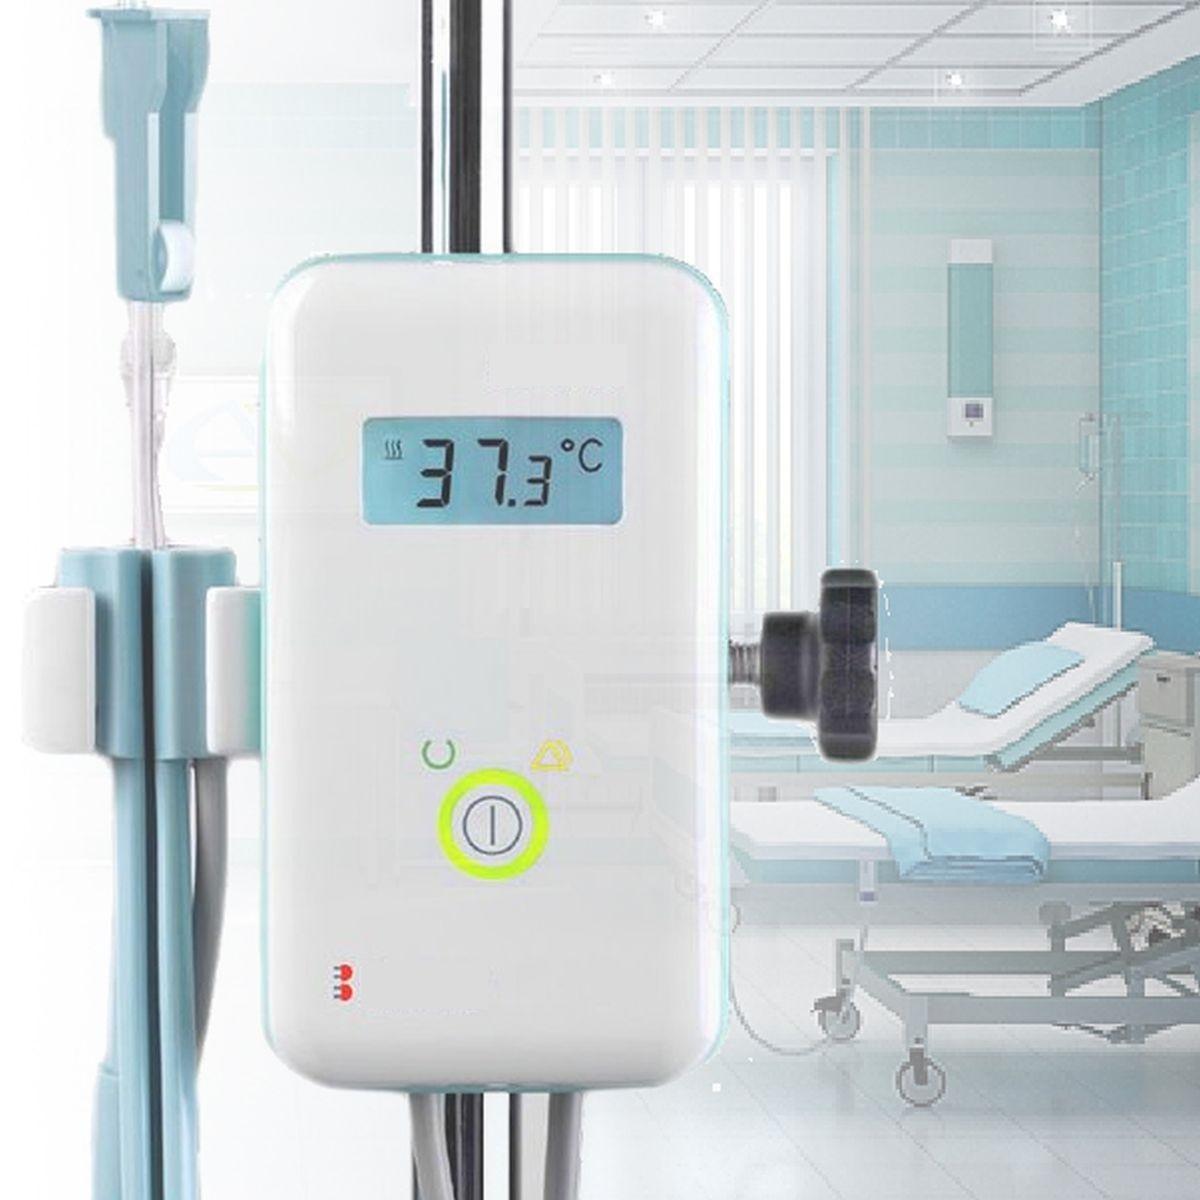 Аппараты для подогрева инфузионных растворов и крови на сайте Medshop ❤️ Сертифицированная продукция ☑️ Гарантия качества ☑️ Лучшая цена ☑️ Профессиональная консультация ☎️|095|096|073|877-83-44